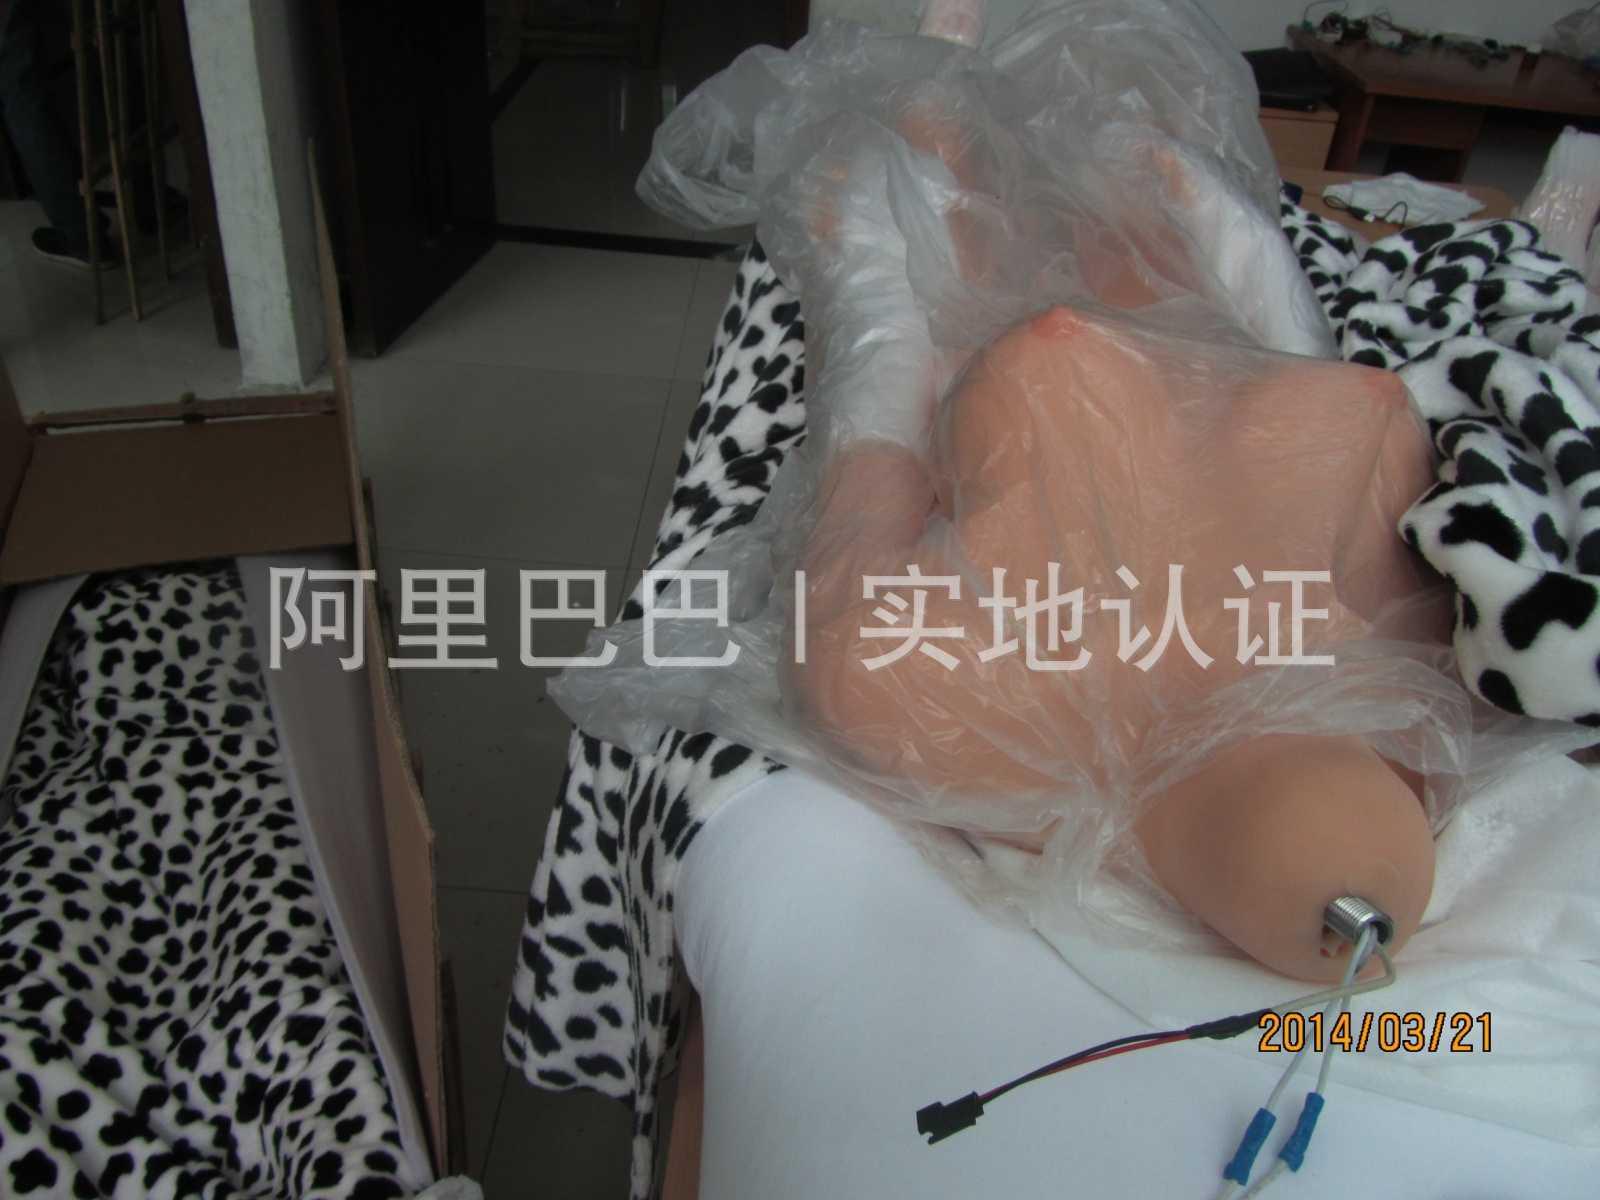 【癒し】ラブドールで逝くよ〜Body70【嫌らし】 [転載禁止]©bbspink.comYouTube動画>12本 ->画像>84枚